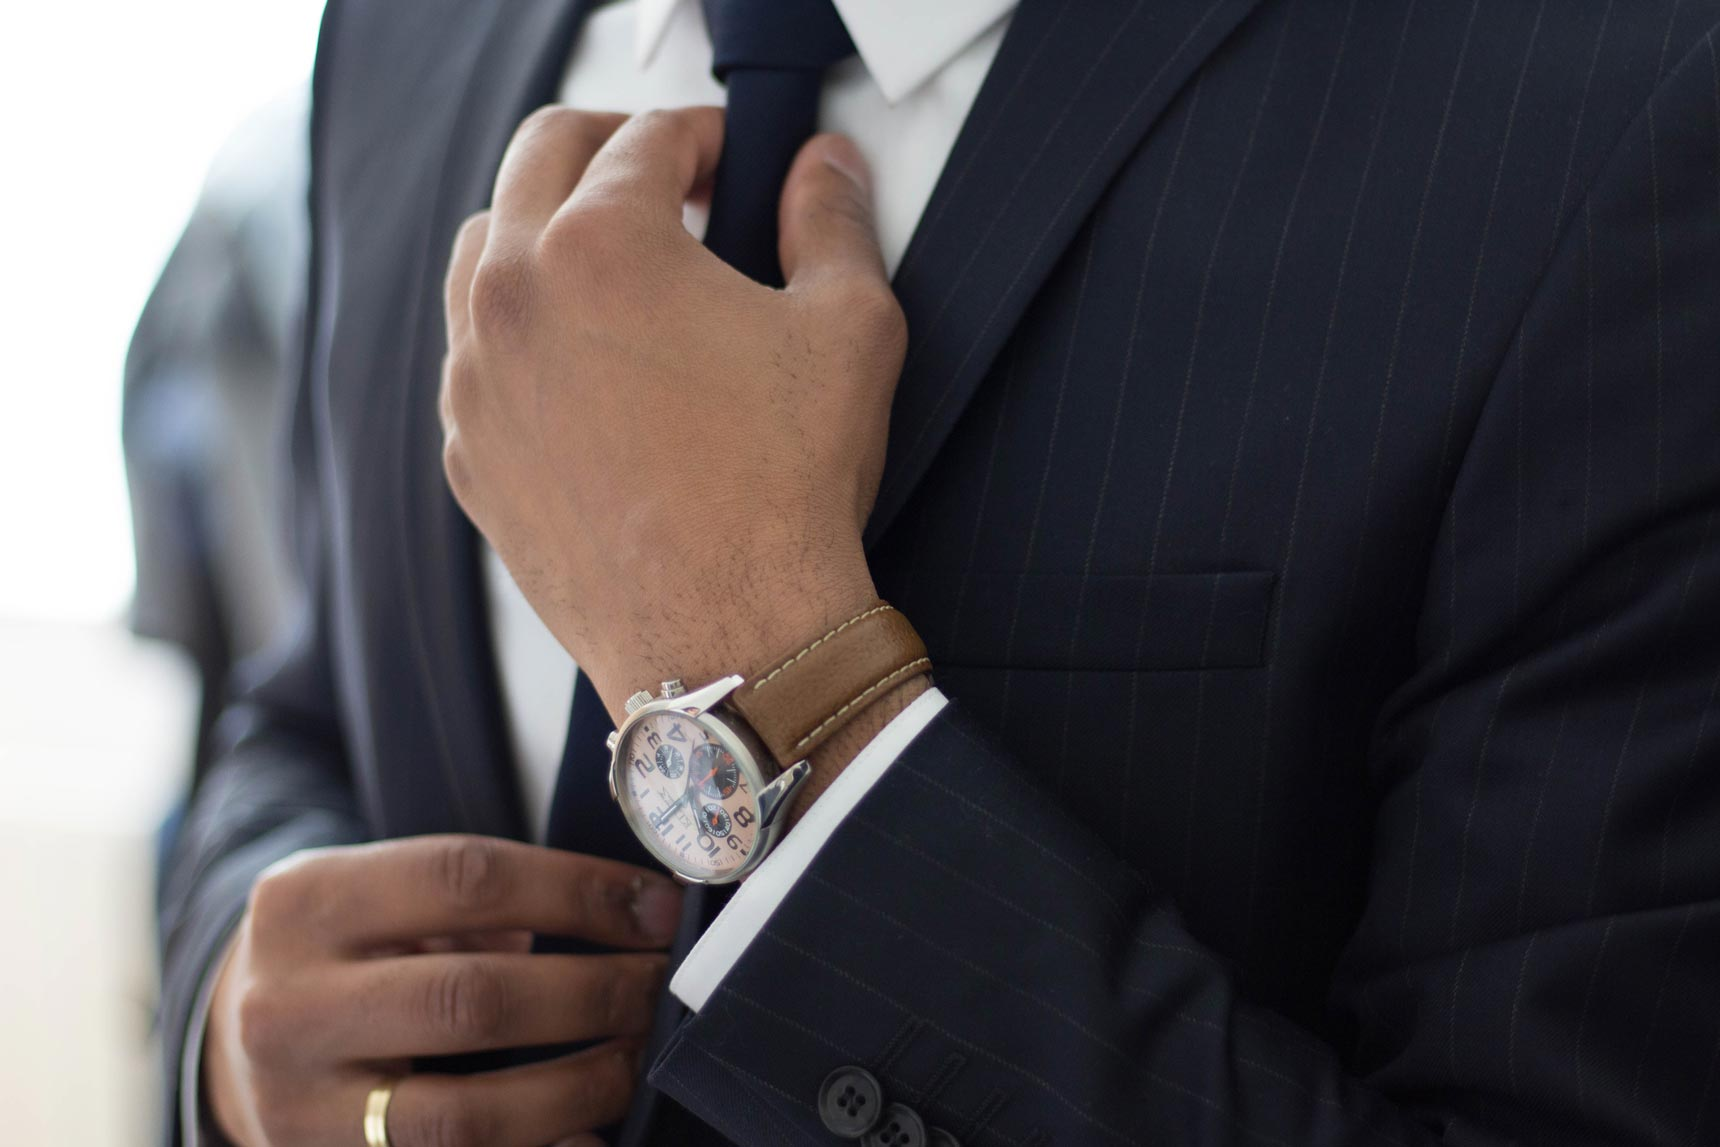 marche di orologi, orologi da polso, orologi minimalisti, minimal watches